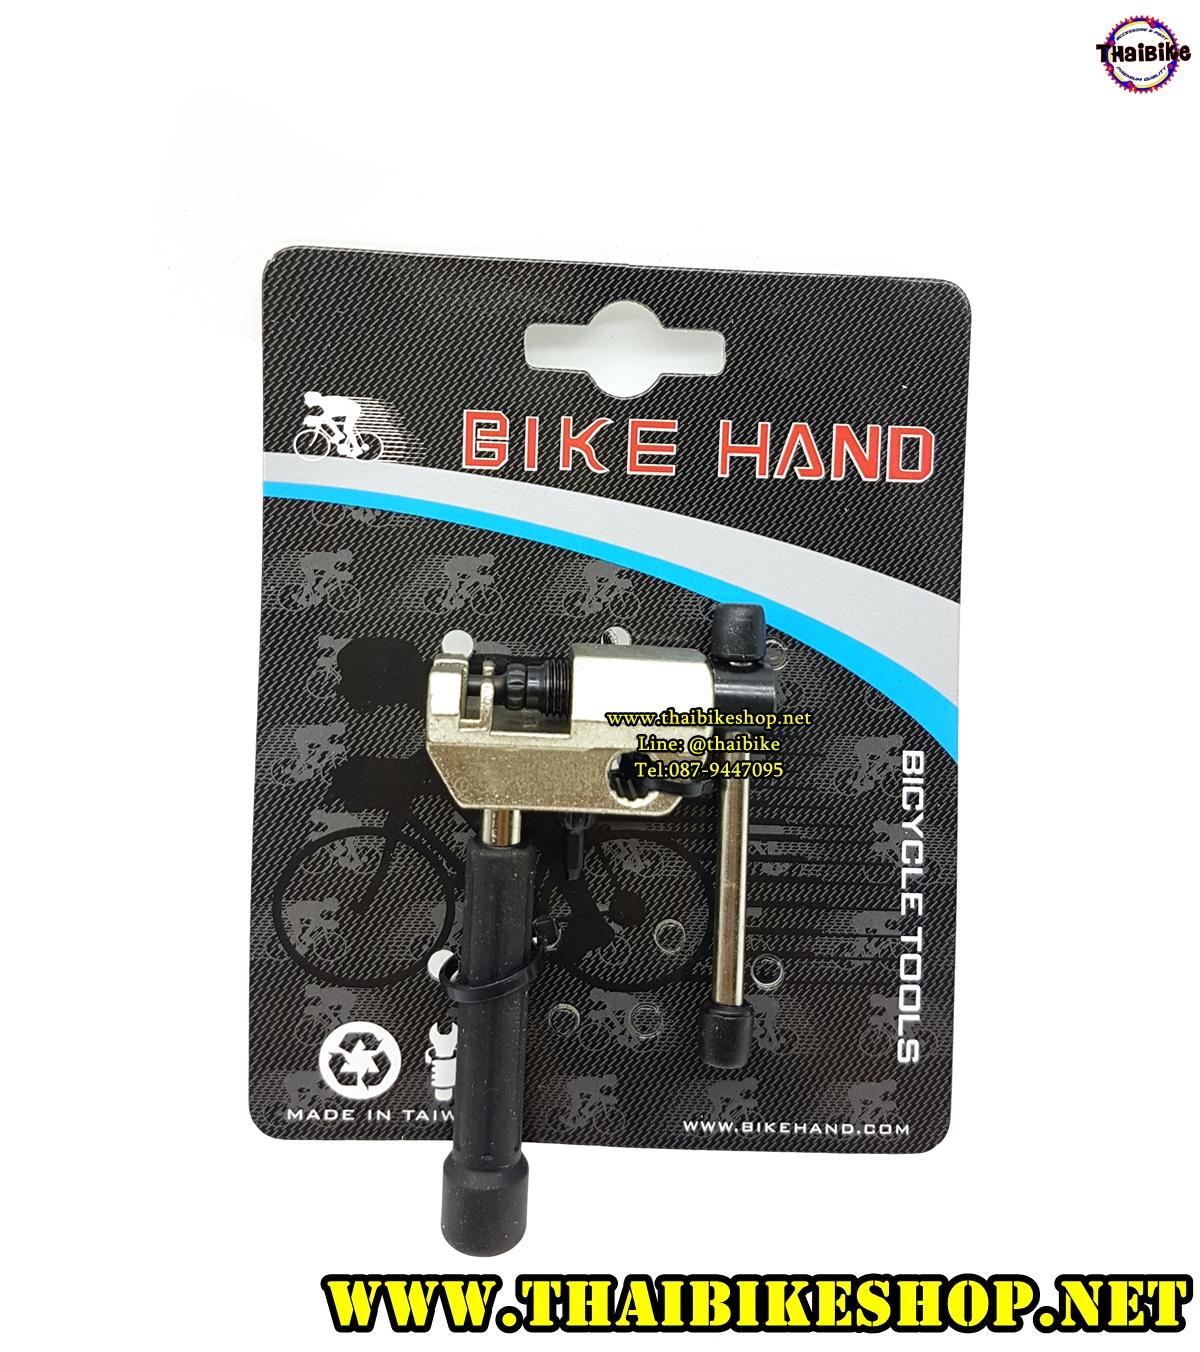 เครื่องมือตัดโซ่ BIKE HAND YC-325P2